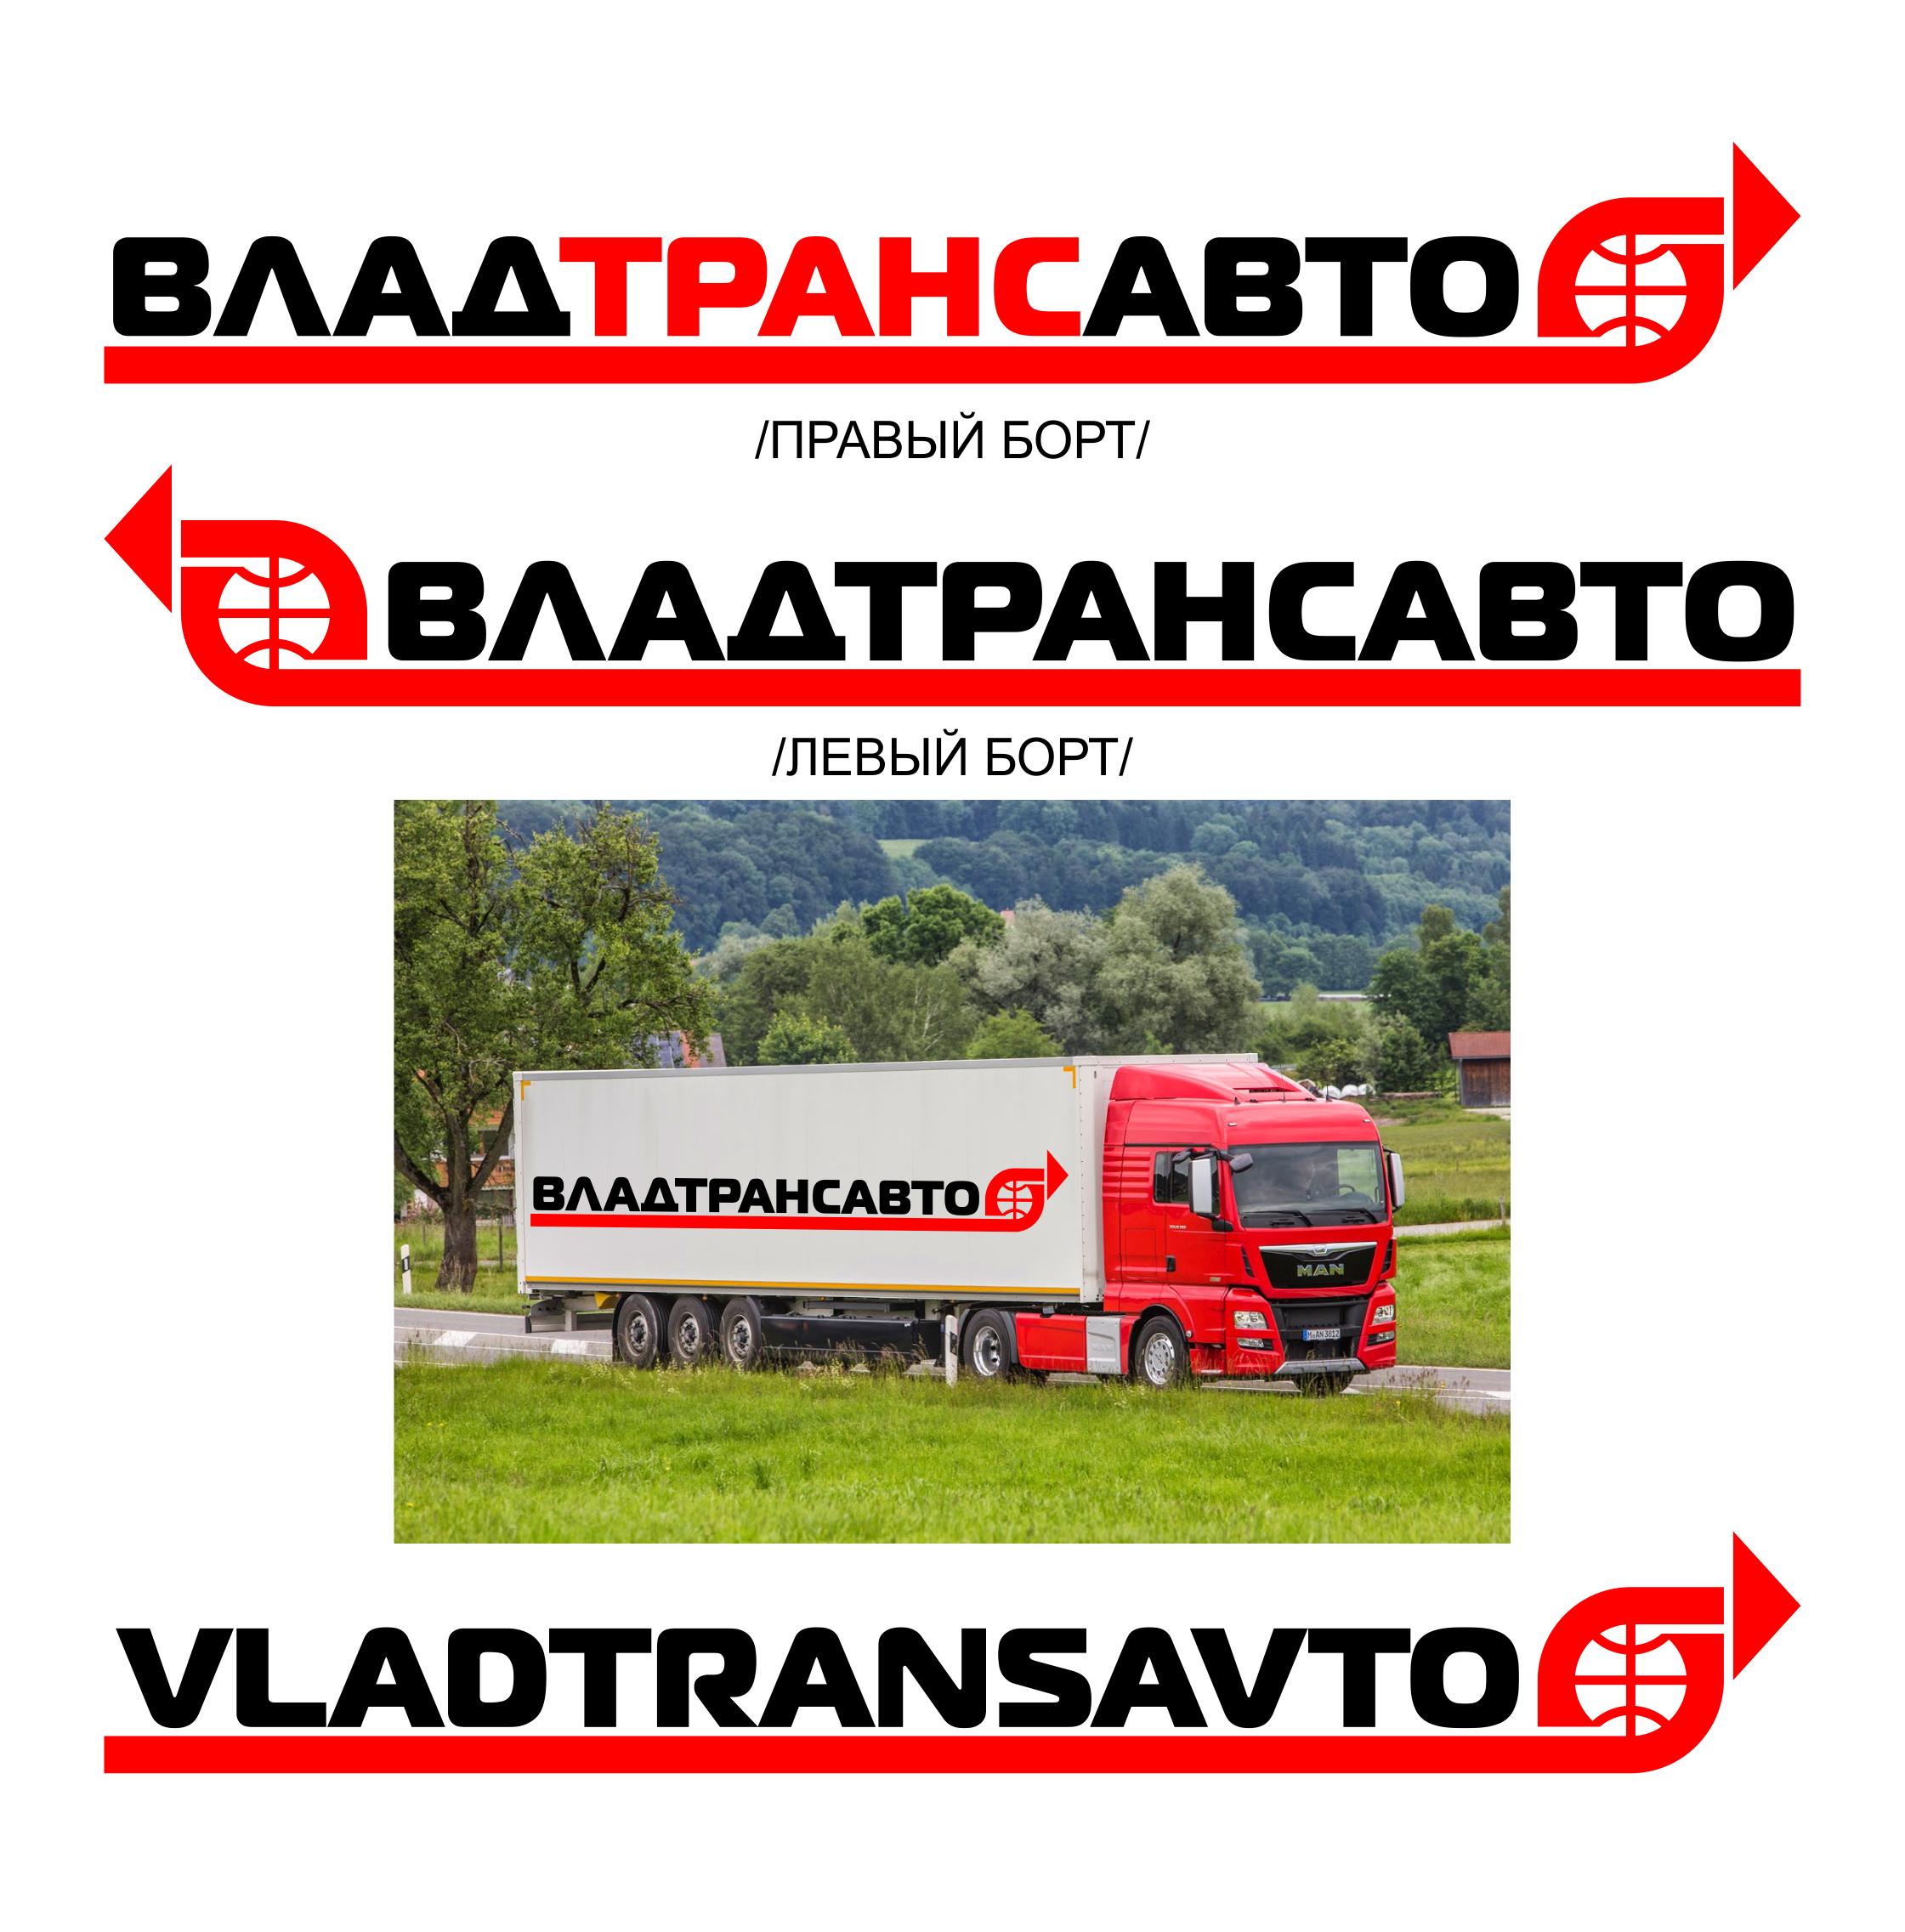 Логотип и фирменный стиль для транспортной компании Владтрансавто фото f_0085cf23fa567b09.png